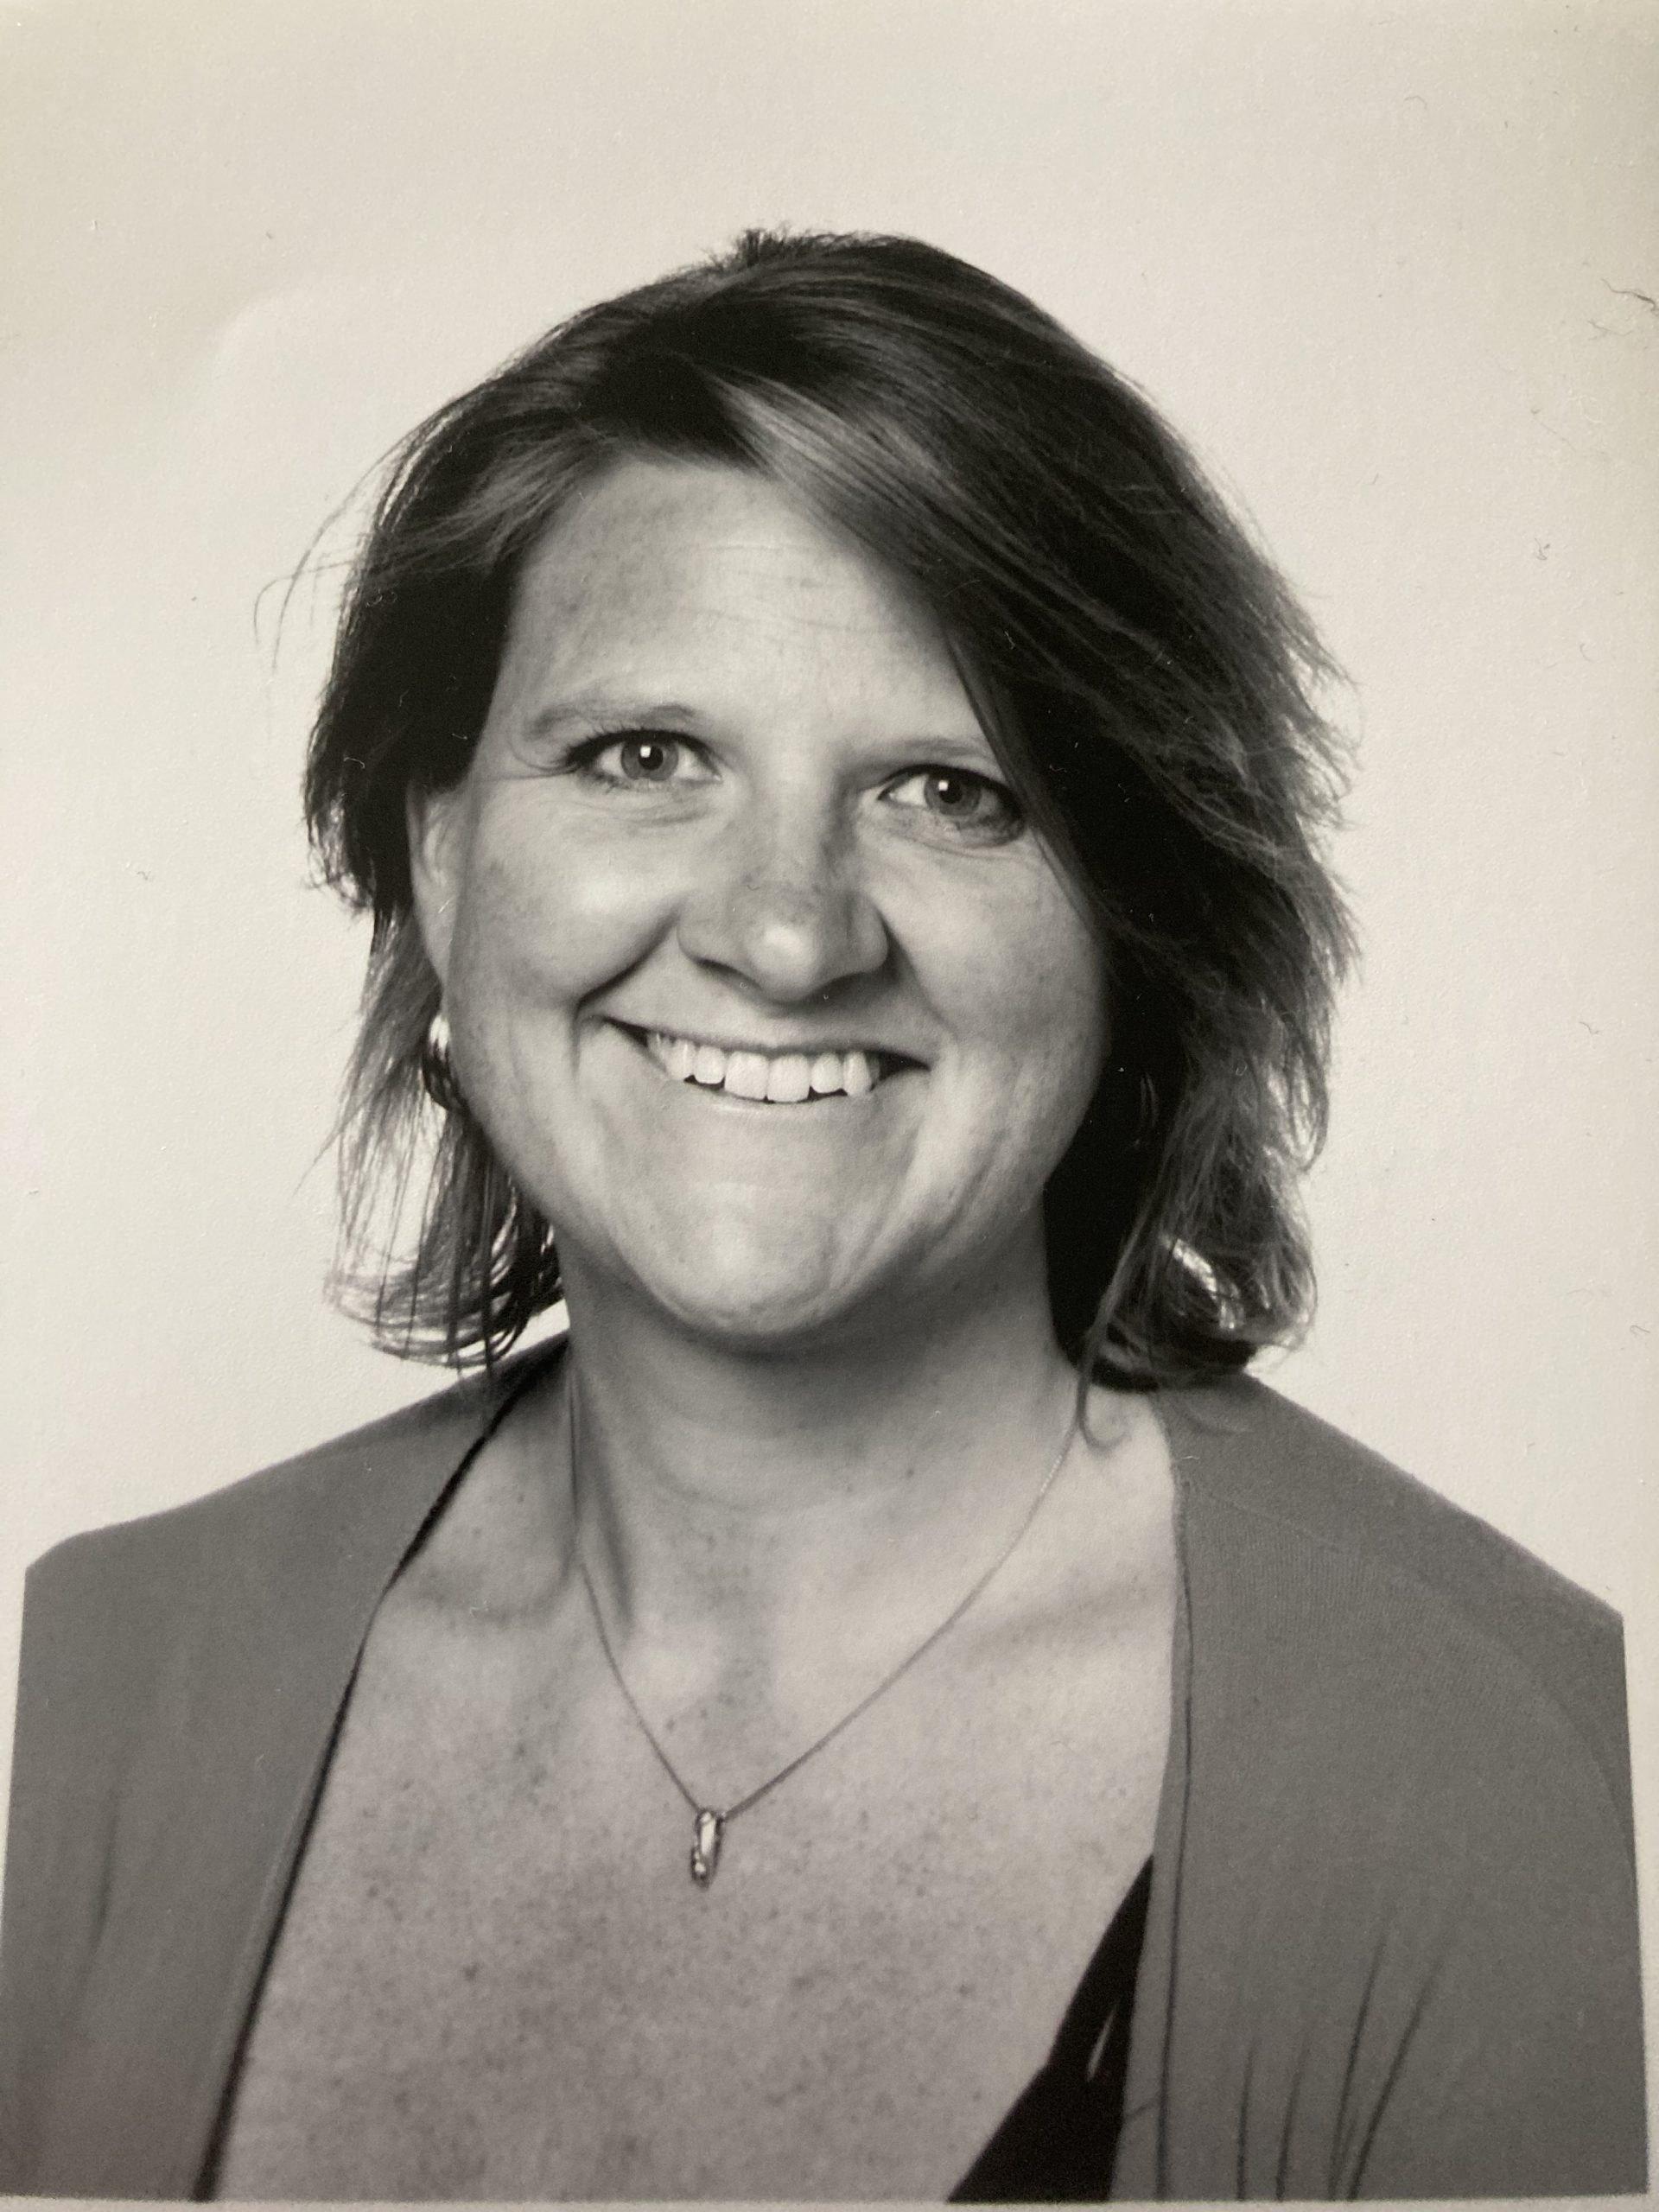 Tina Skovsholm